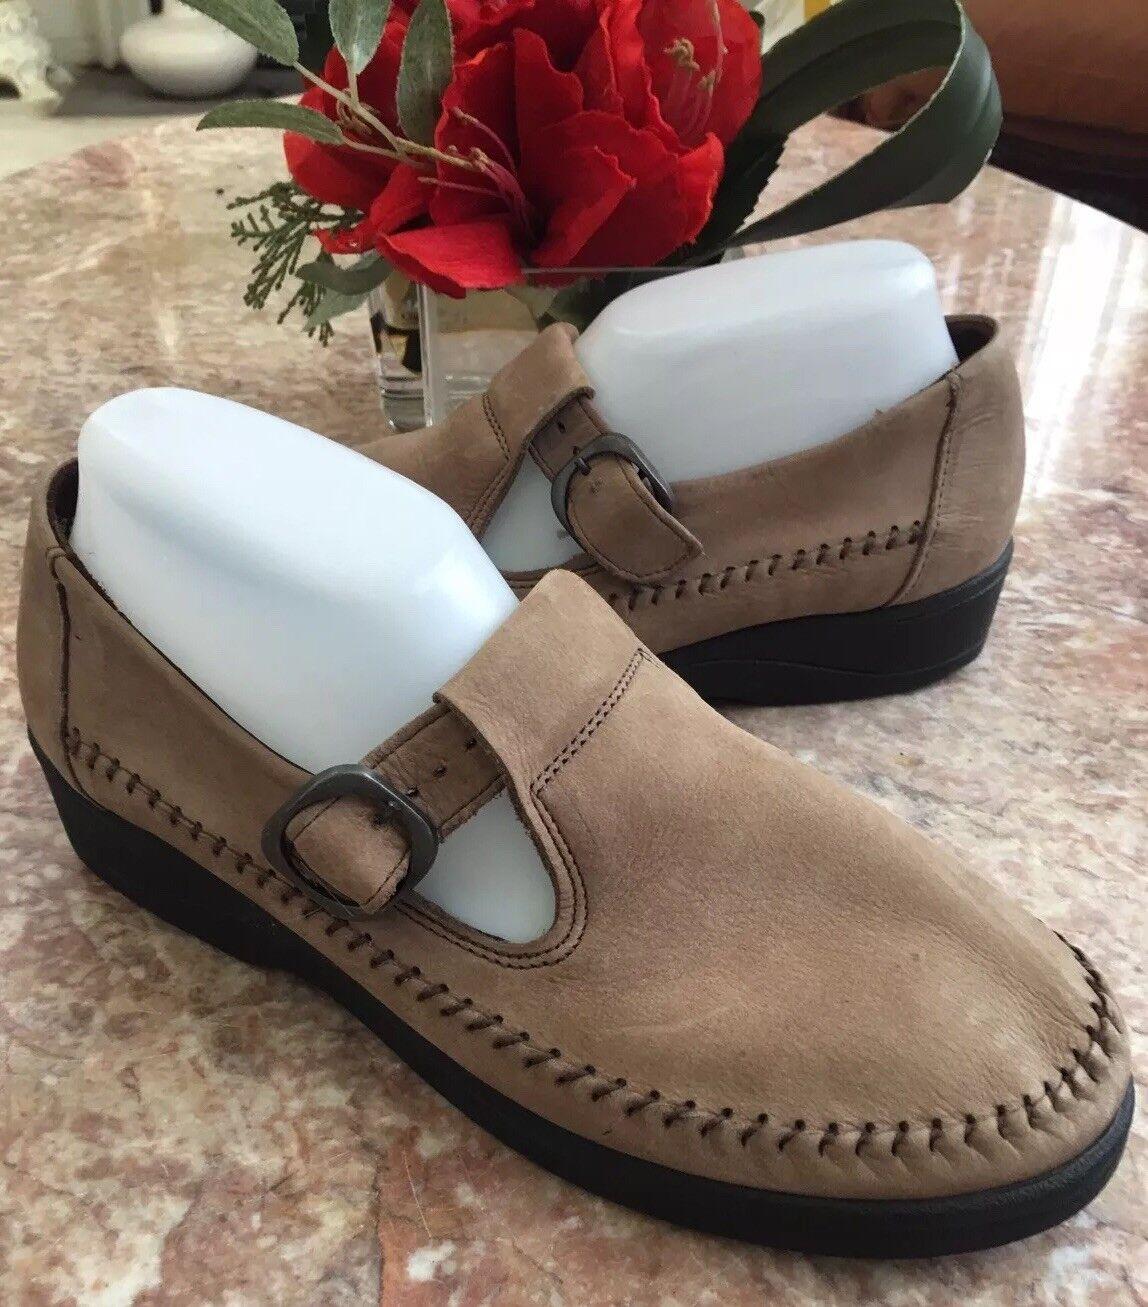 elementi di novità New Dexter USA comfort donna's Tan Tan Tan Suede Mary Jane scarpe Dimensione 10 M  al prezzo più basso